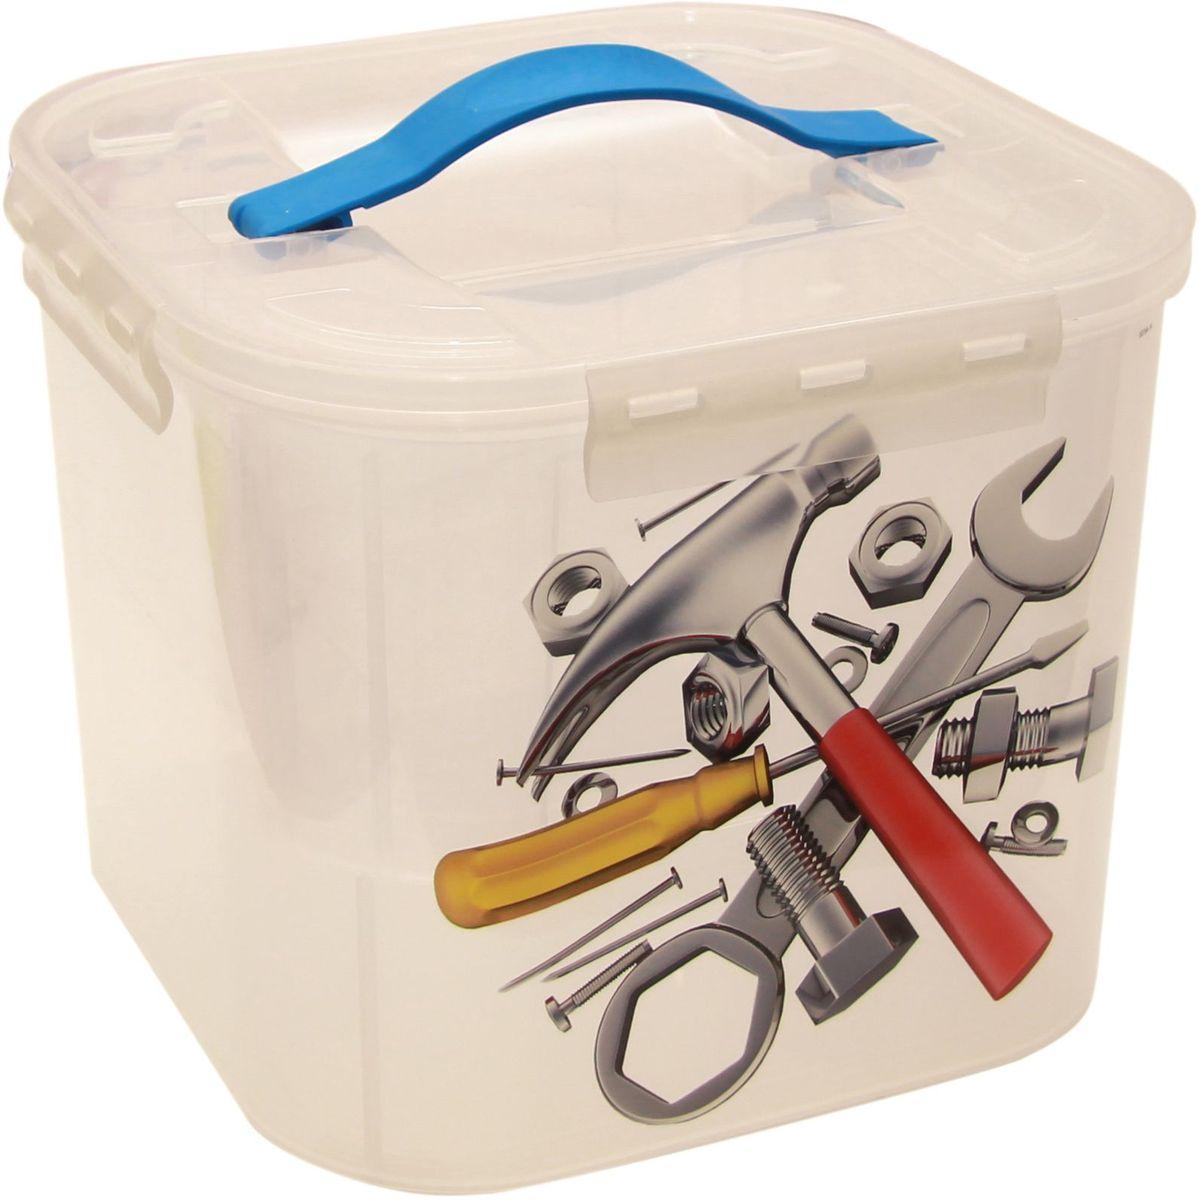 Контейнер для хранения Idea Деко. Инструменты, 23 х 23 х 18 см, с вкладышем, 7 л. М 2824М 2824